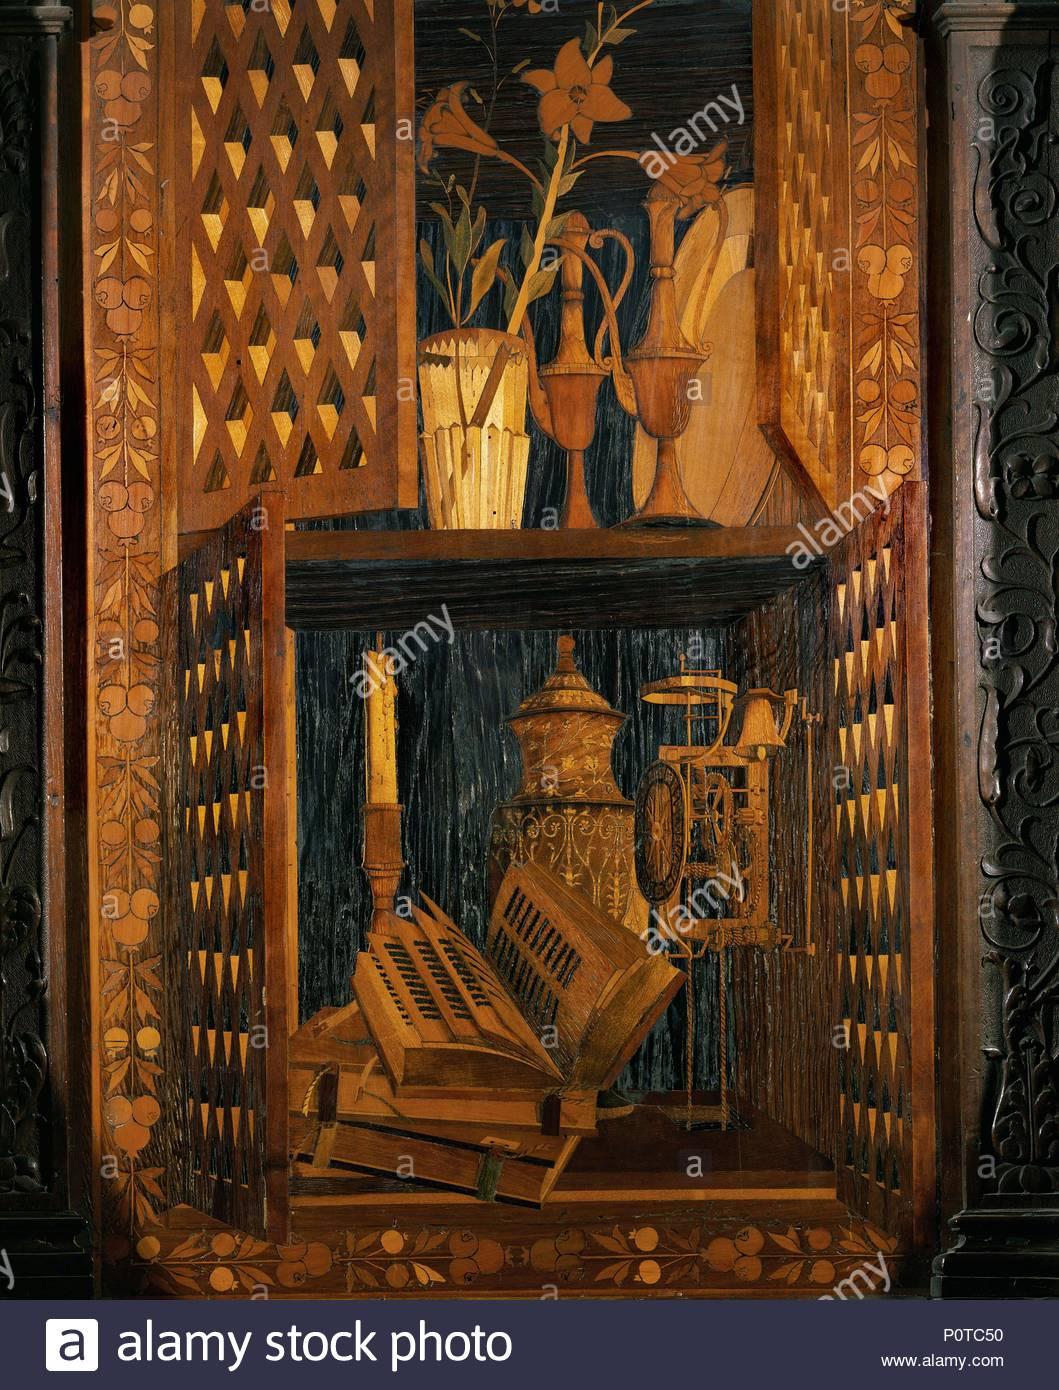 Los libros y los cristales en un armario. Incrustaciones de madera de la sillería del coro (1499) . Autor: FRA GIOVANNI DA VERONA. Lugar: Iglesia de Santa Maria in Organo, Verona, Italia. Imagen De Stock